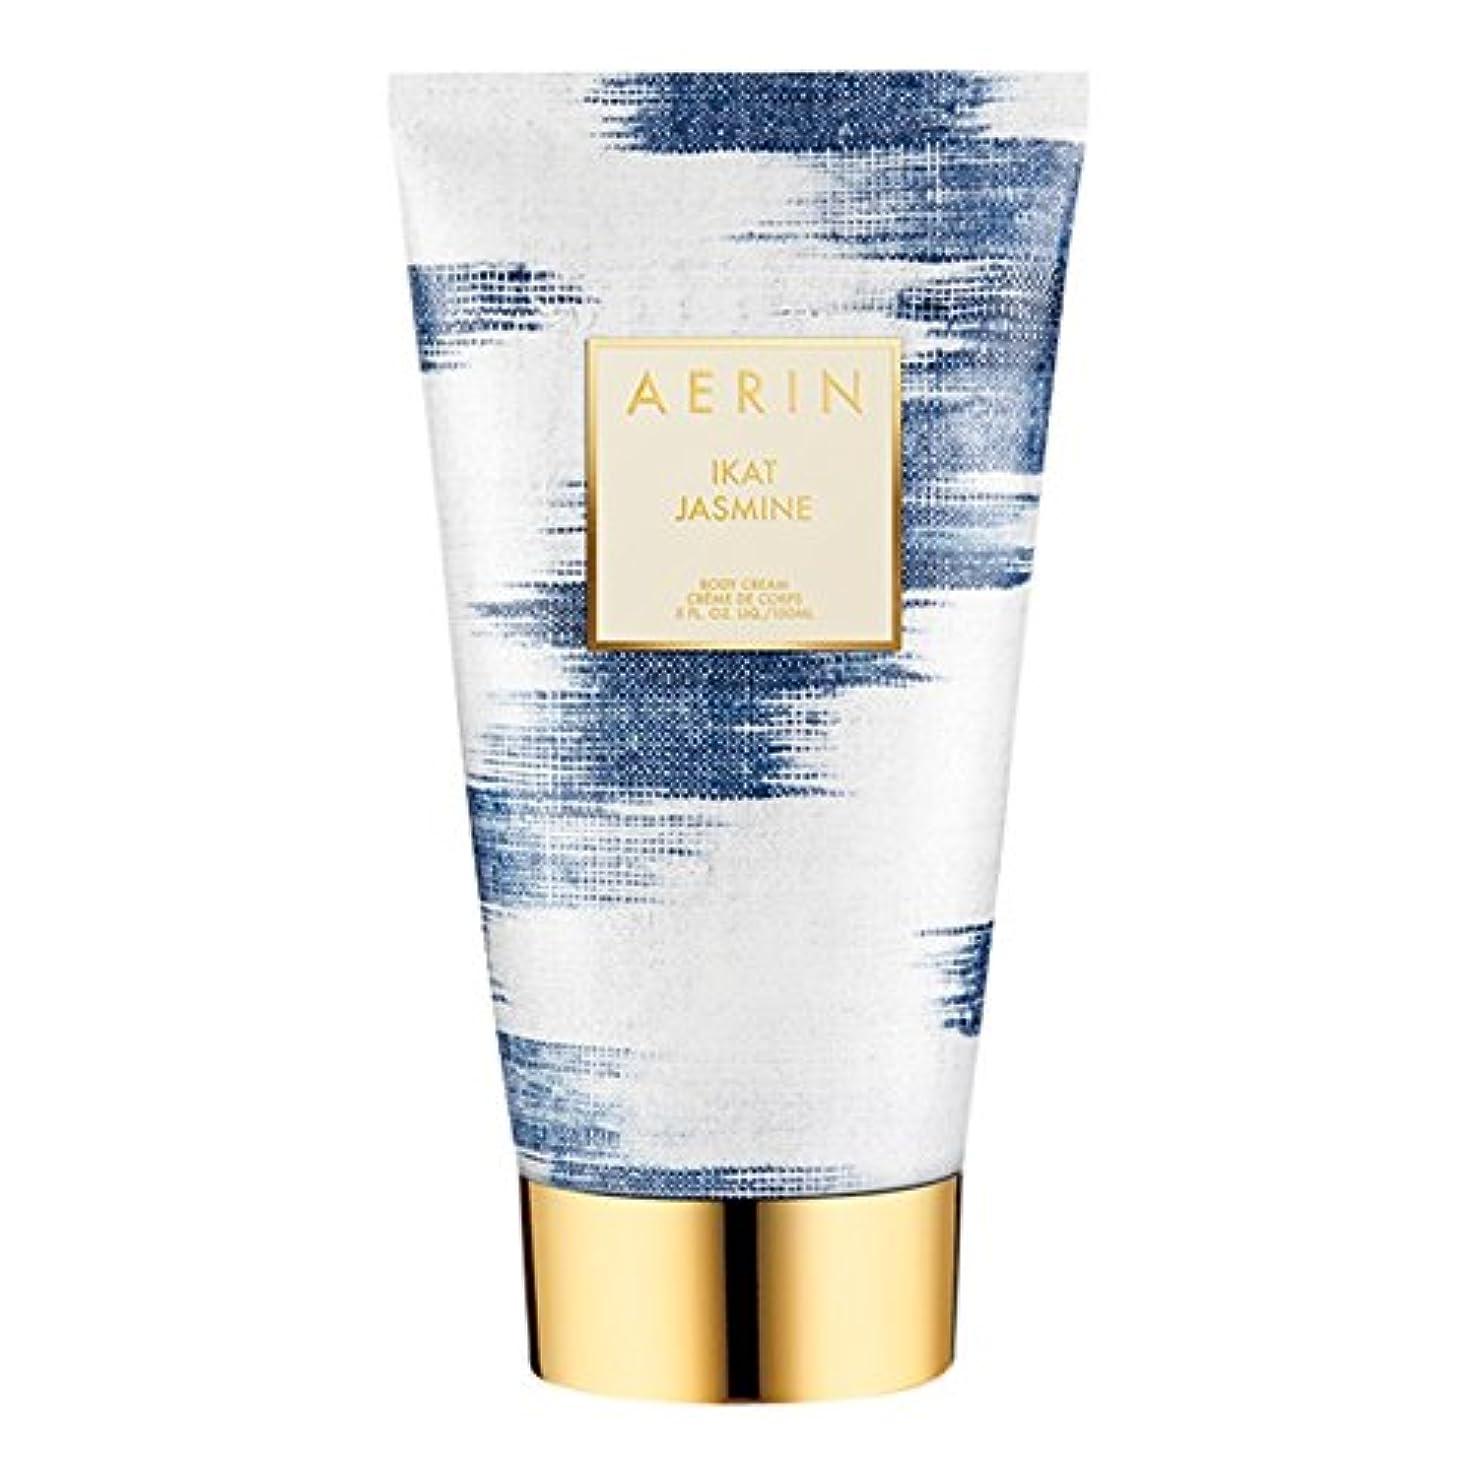 首夫婦強盗Aerinイカットジャスミンボディクリーム150ミリリットル (AERIN) (x2) - AERIN Ikat Jasmine Body Cream 150ml (Pack of 2) [並行輸入品]